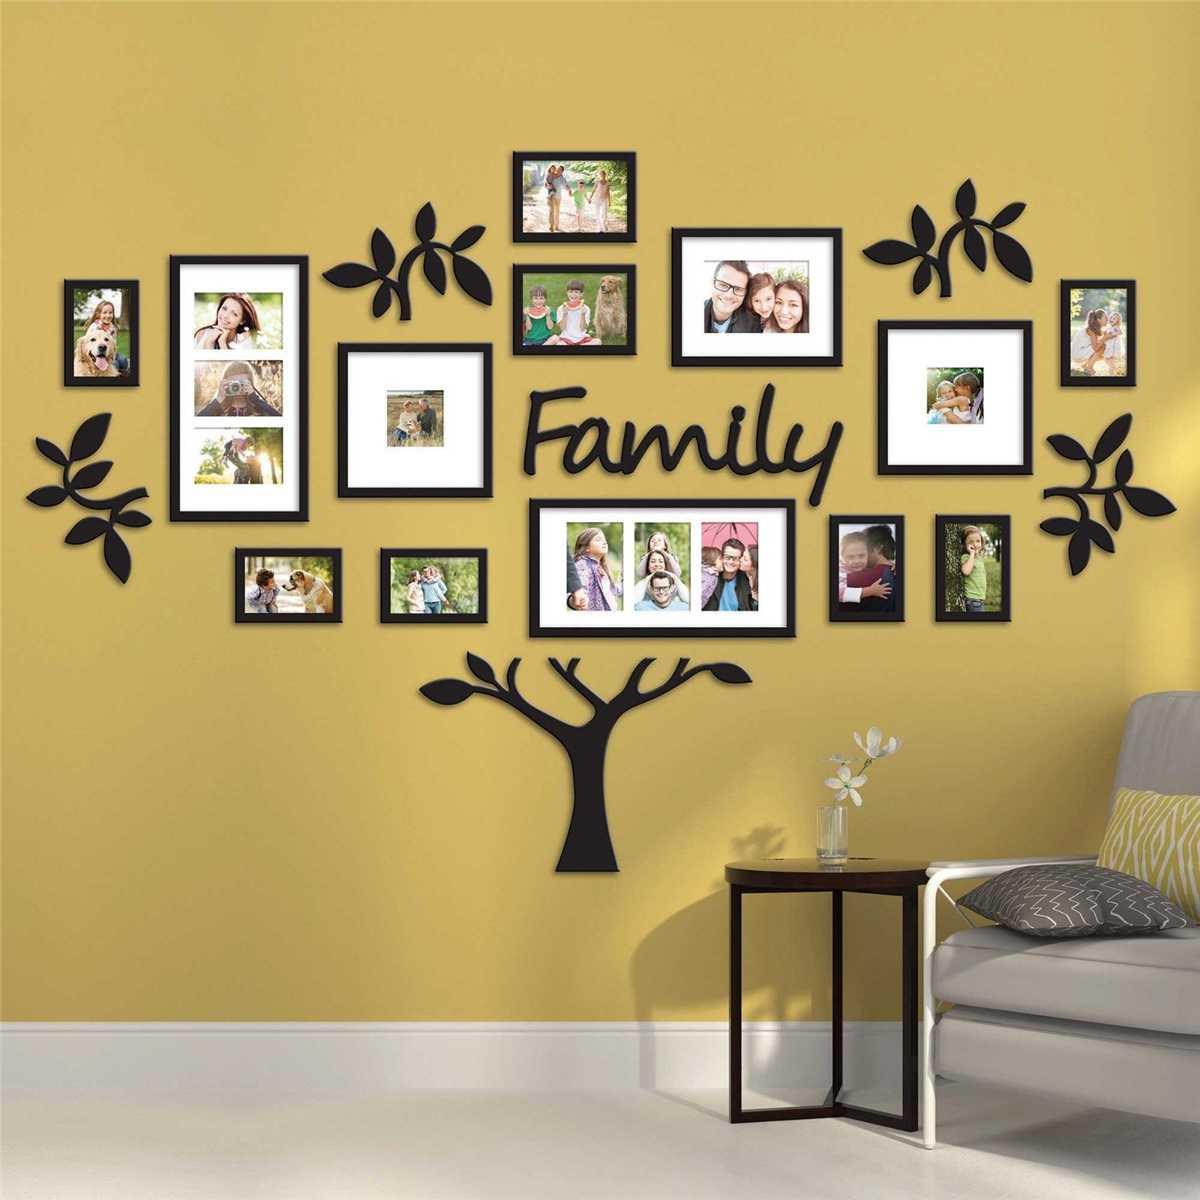 Bricolage acrylique Stickers muraux famille Photo cadre arbre mur autocollant décor maison salon chambre Art Photo cadre Stickers muraux affiche